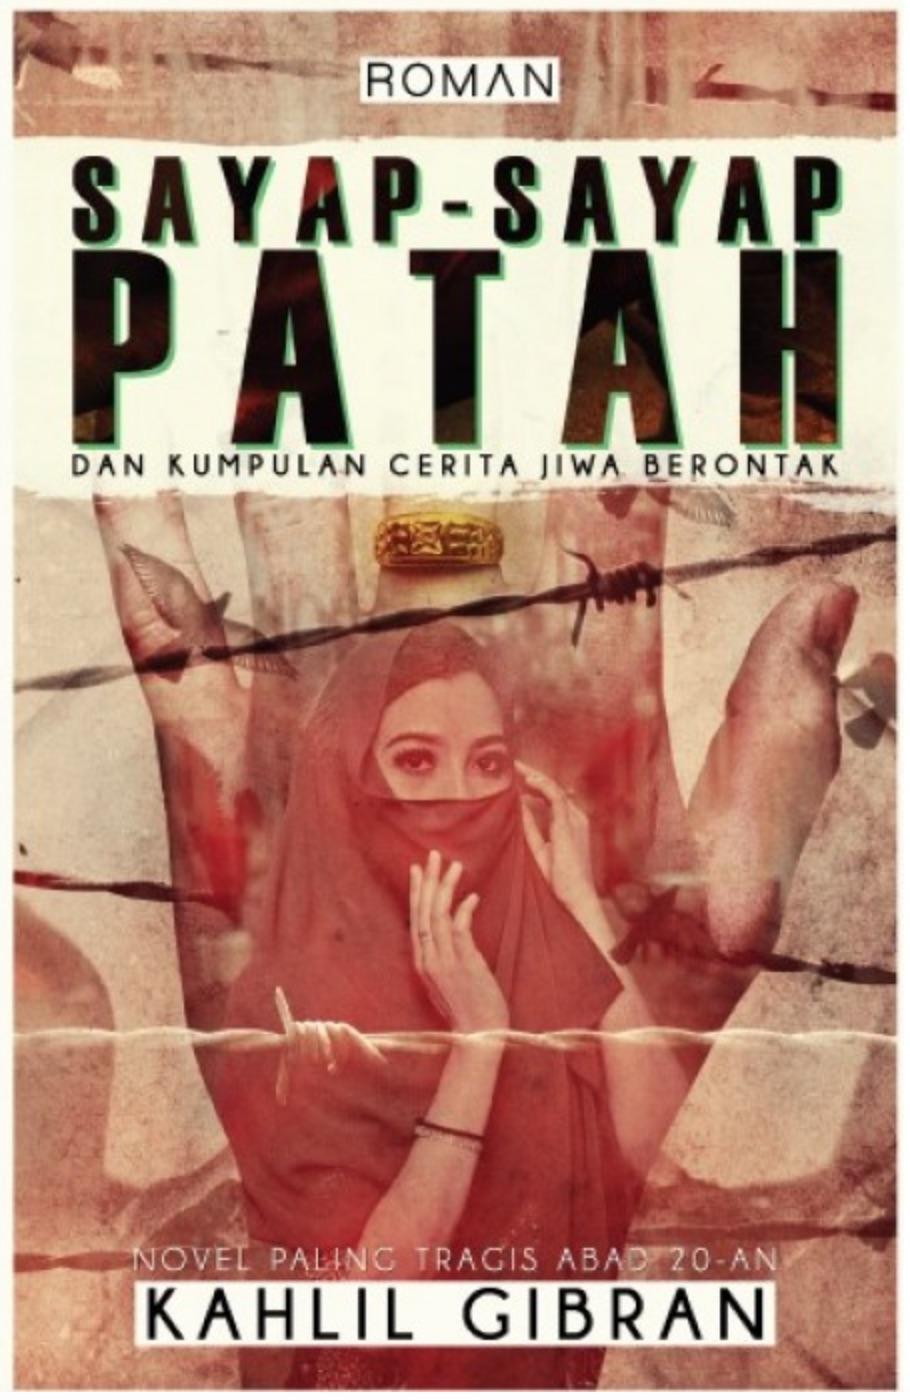 SAYAP-SAYAP PATAH